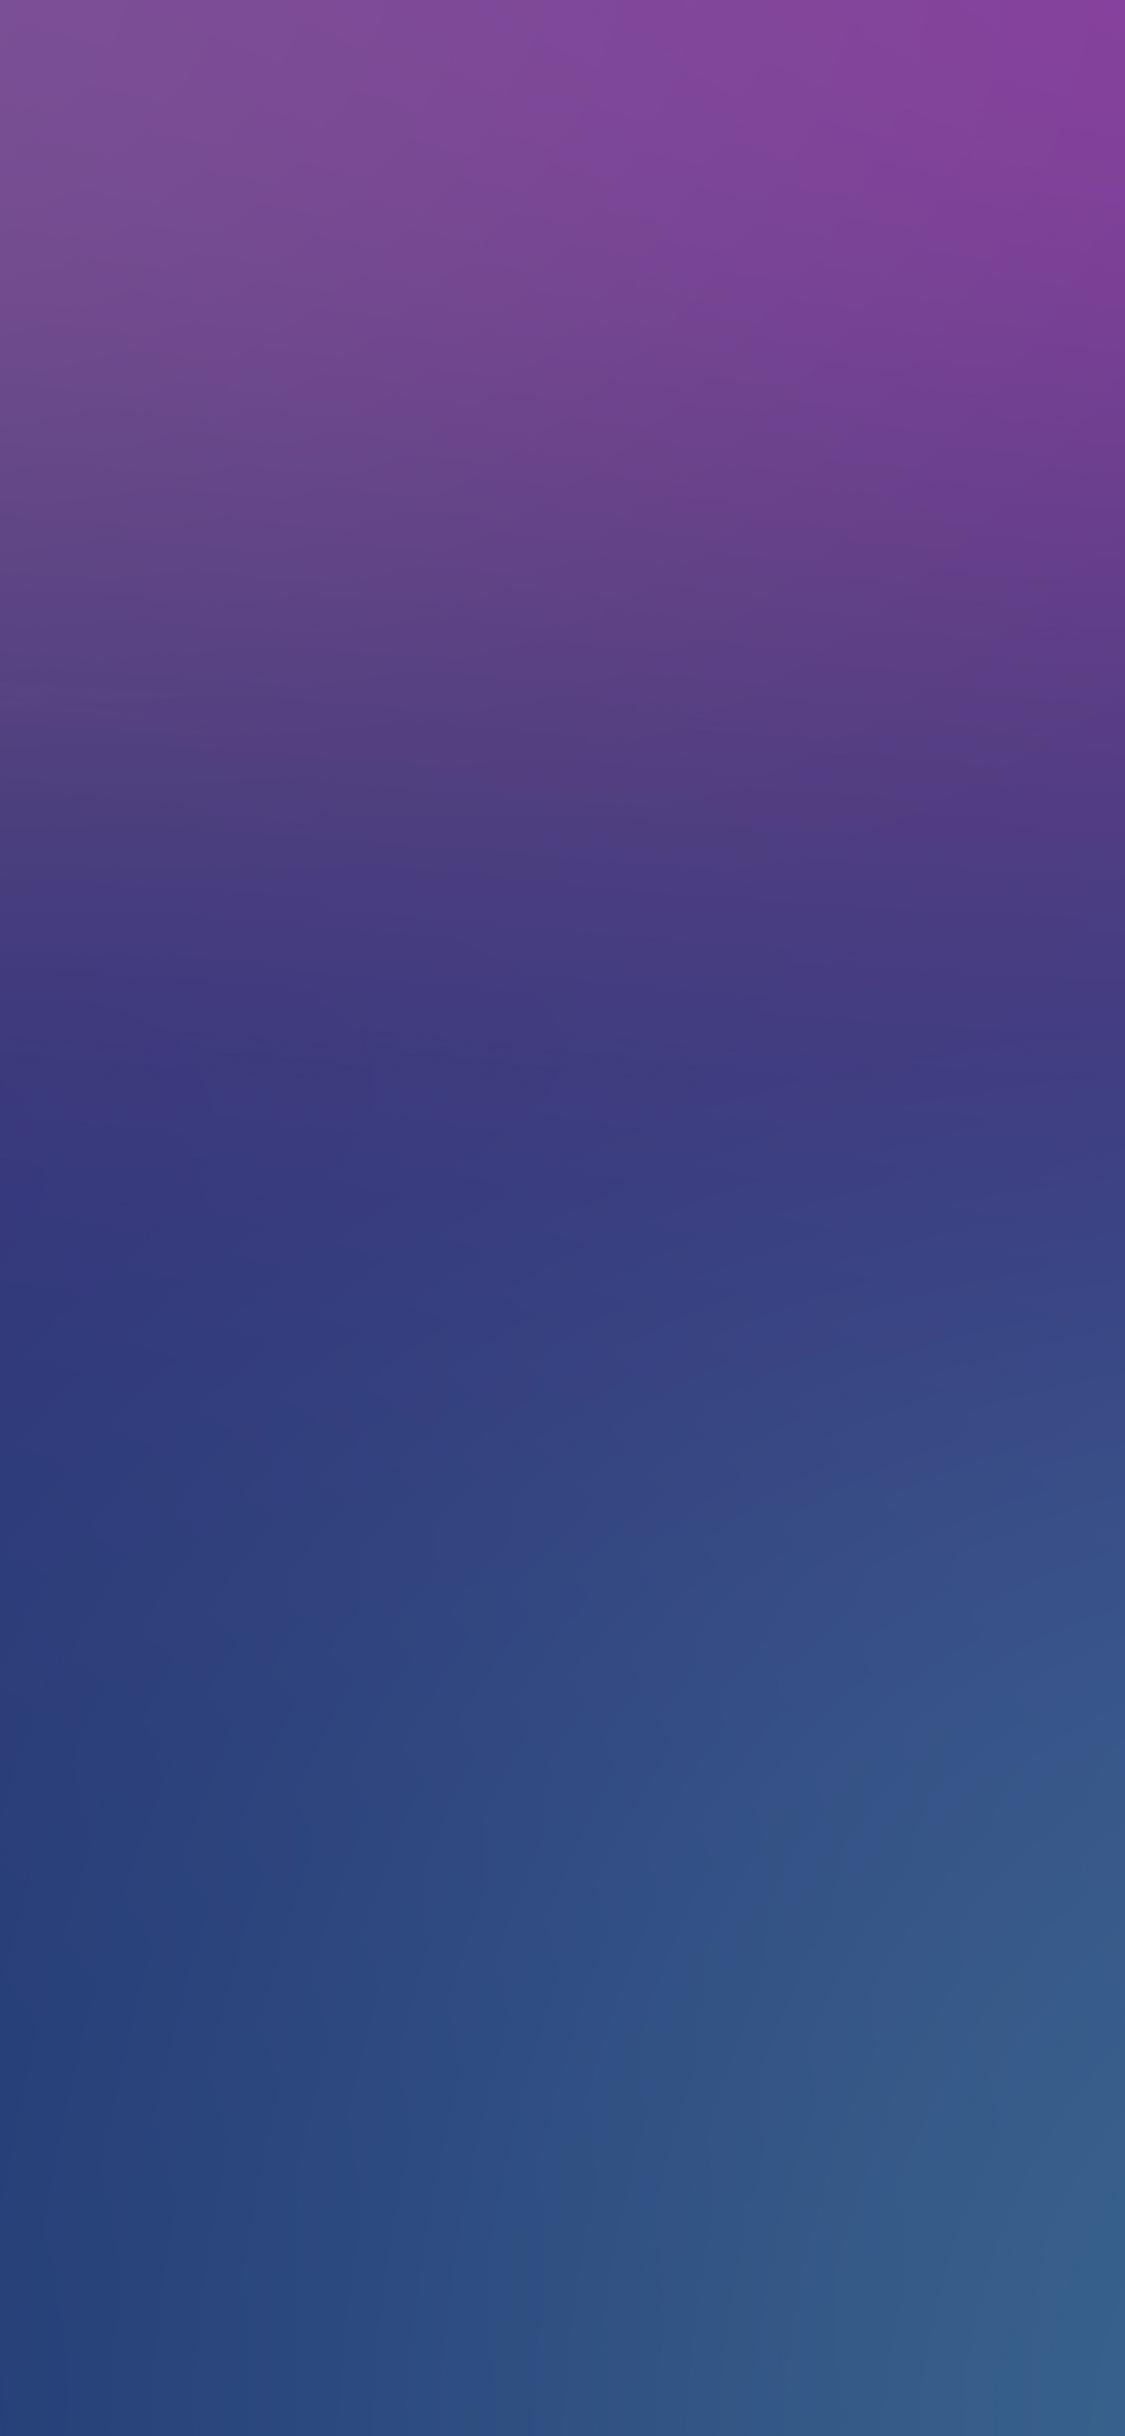 iPhoneXpapers.com-Apple-iPhone-wallpaper-sc57-bleu-de-chanel-tissue-blur